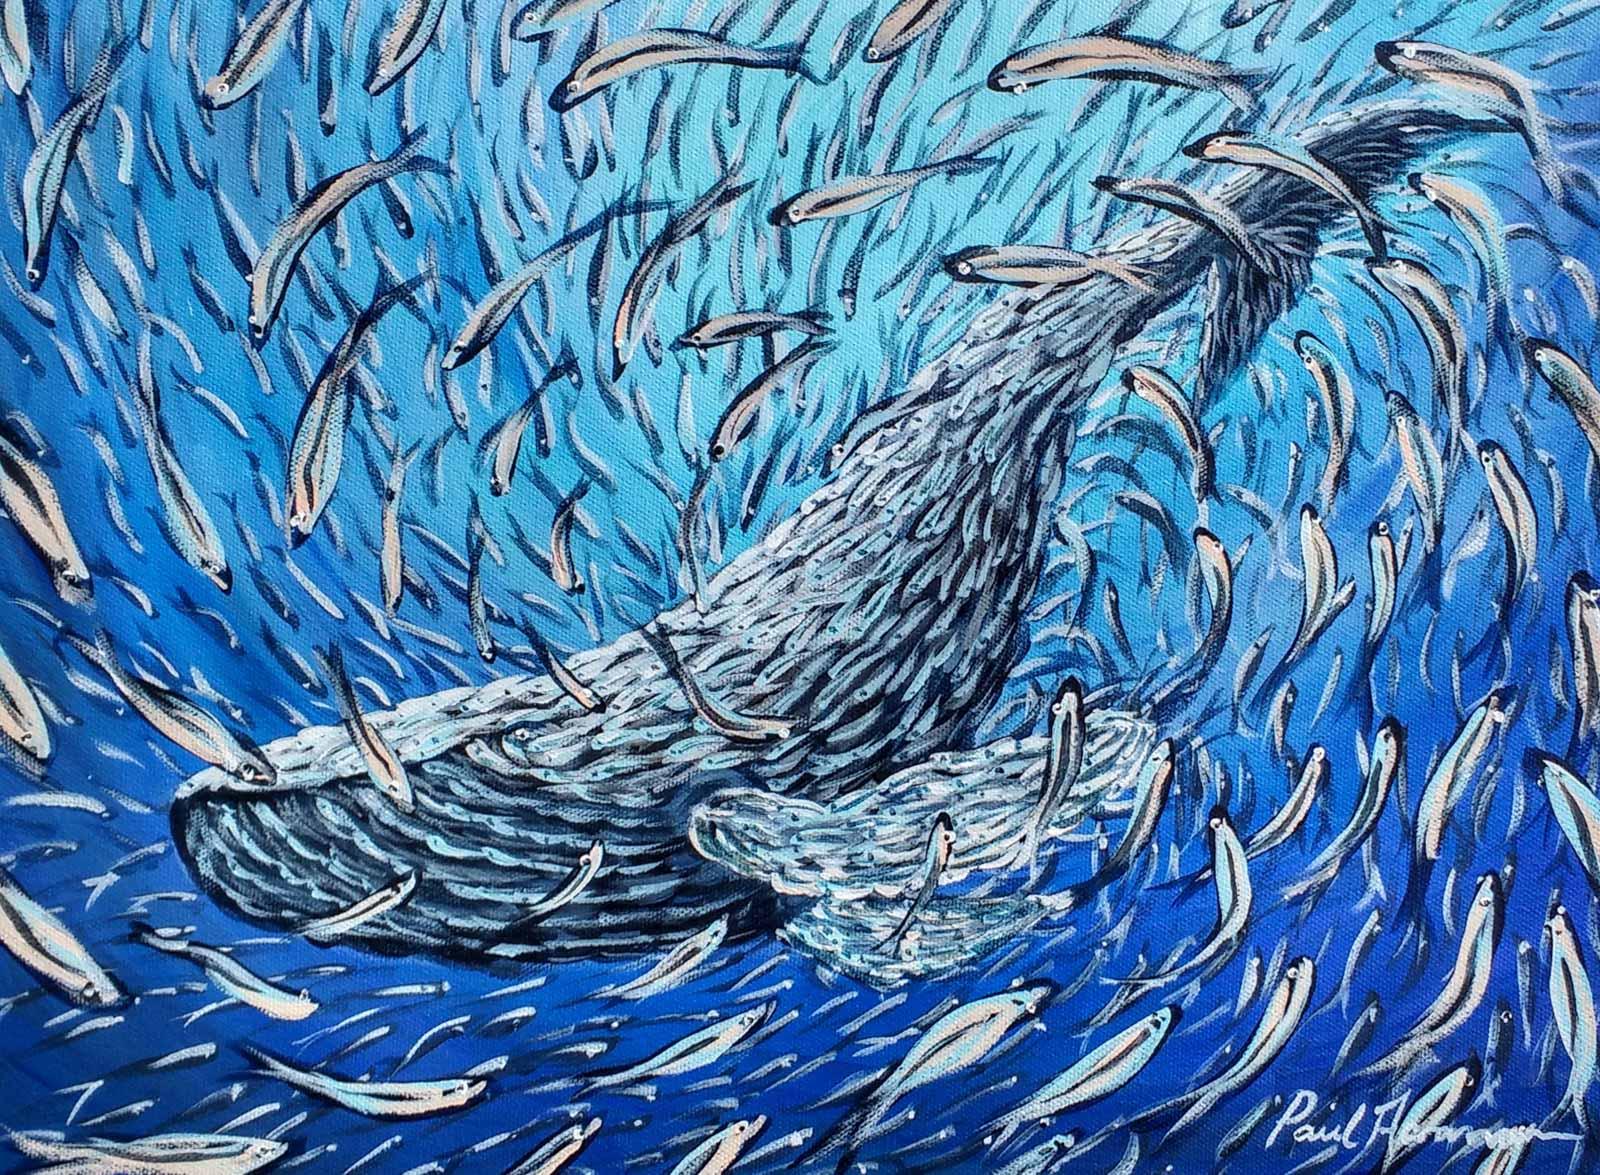 Paul Acraman-fantasy-sea-painting-whale-Ocean Dream Blue Whale